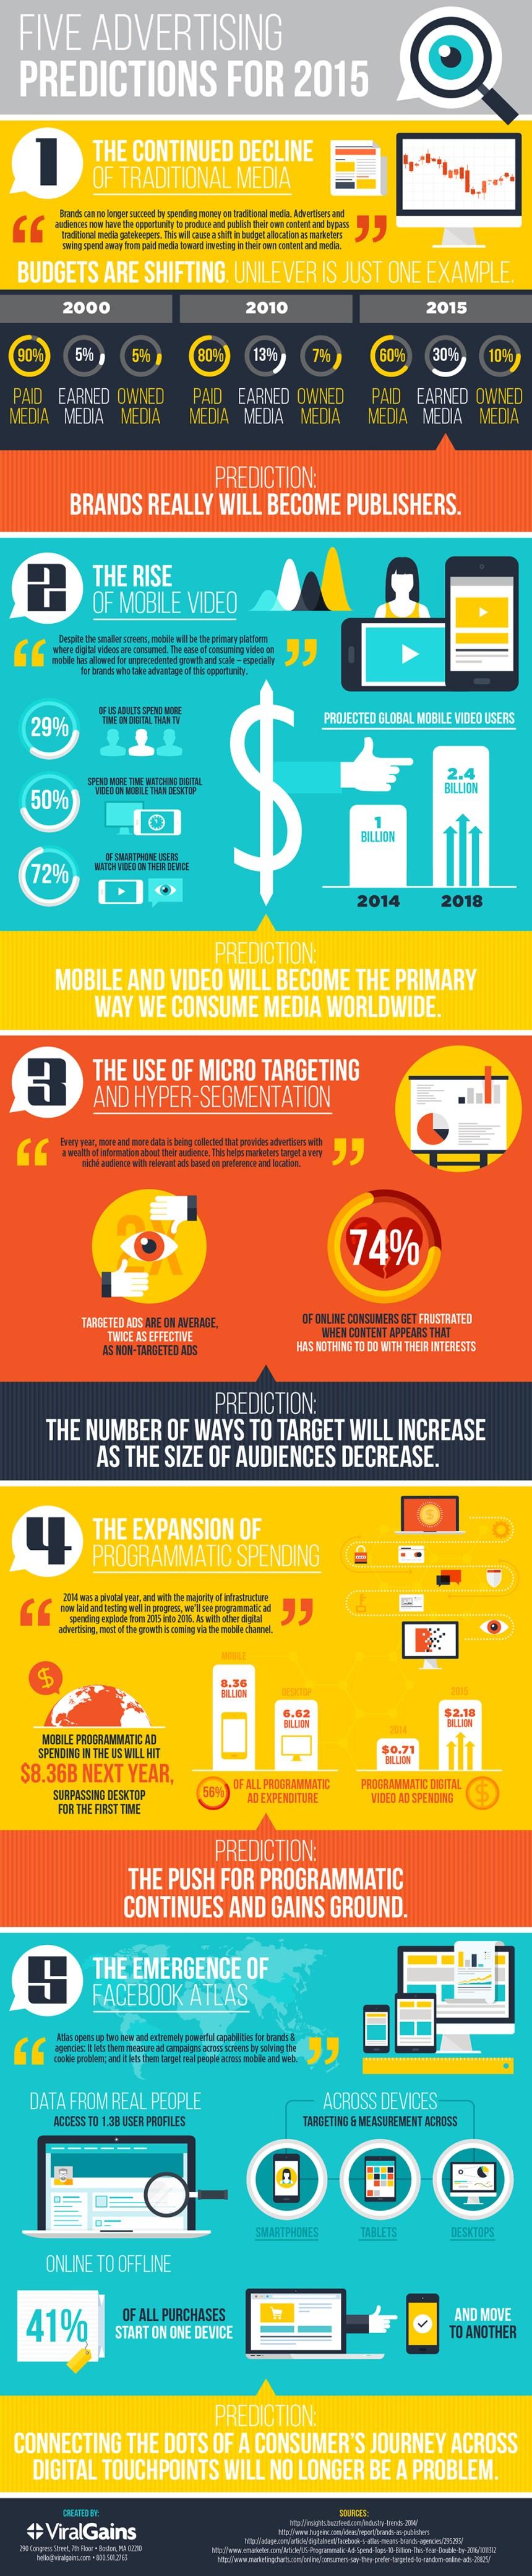 5 predicciones sobre publicidad para 2015